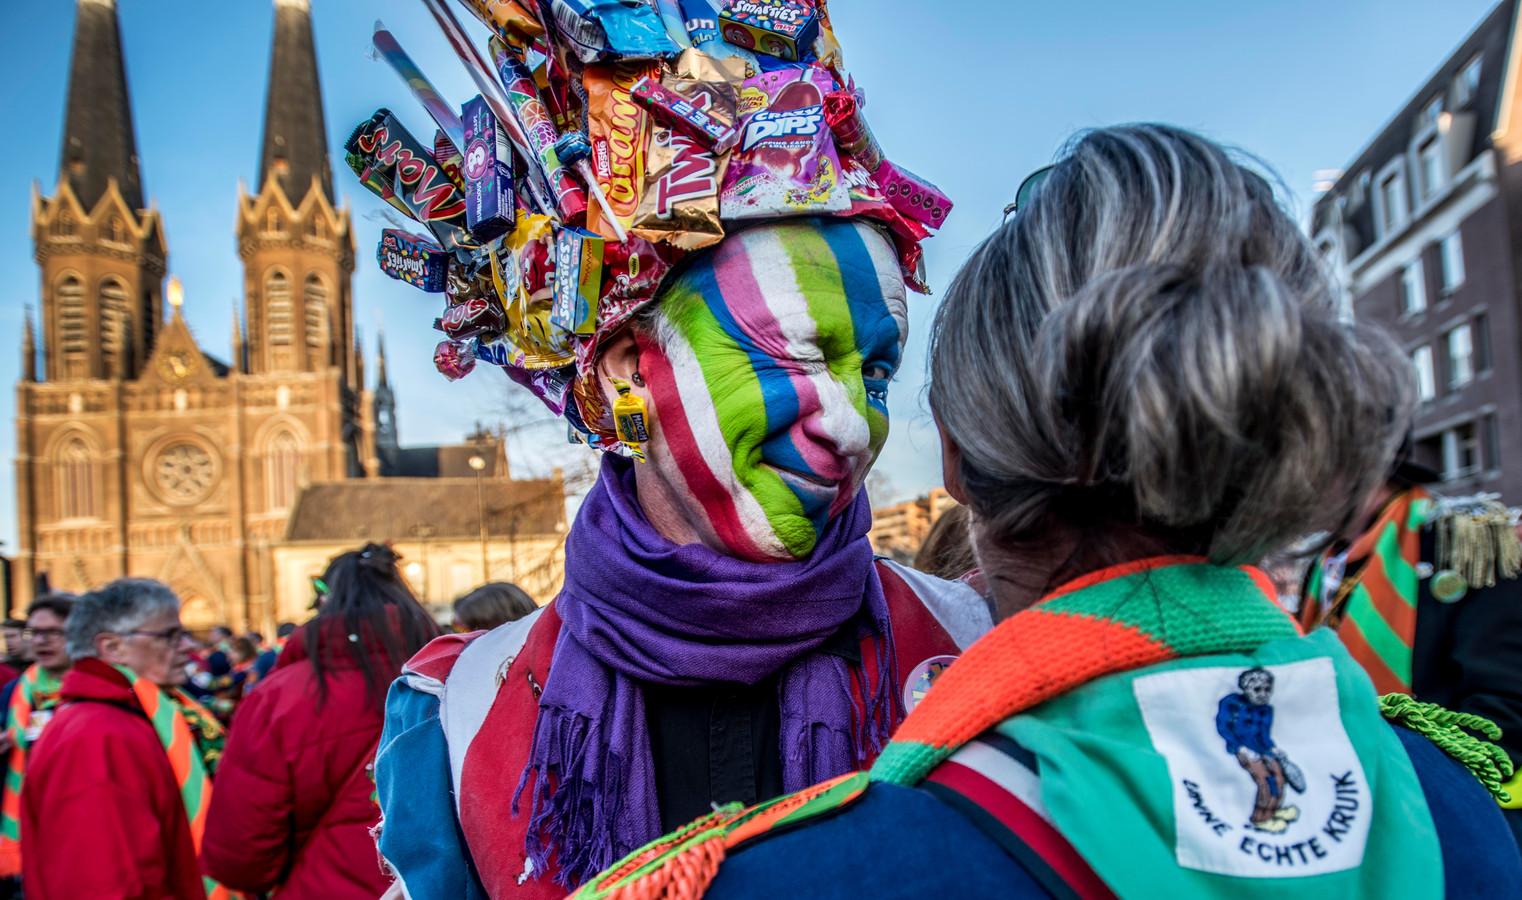 Buiten geen feest, daar zitten haken en ogen aan, maar er komen wel kleinere carnavalsfeestjes in verschillende kroegen.